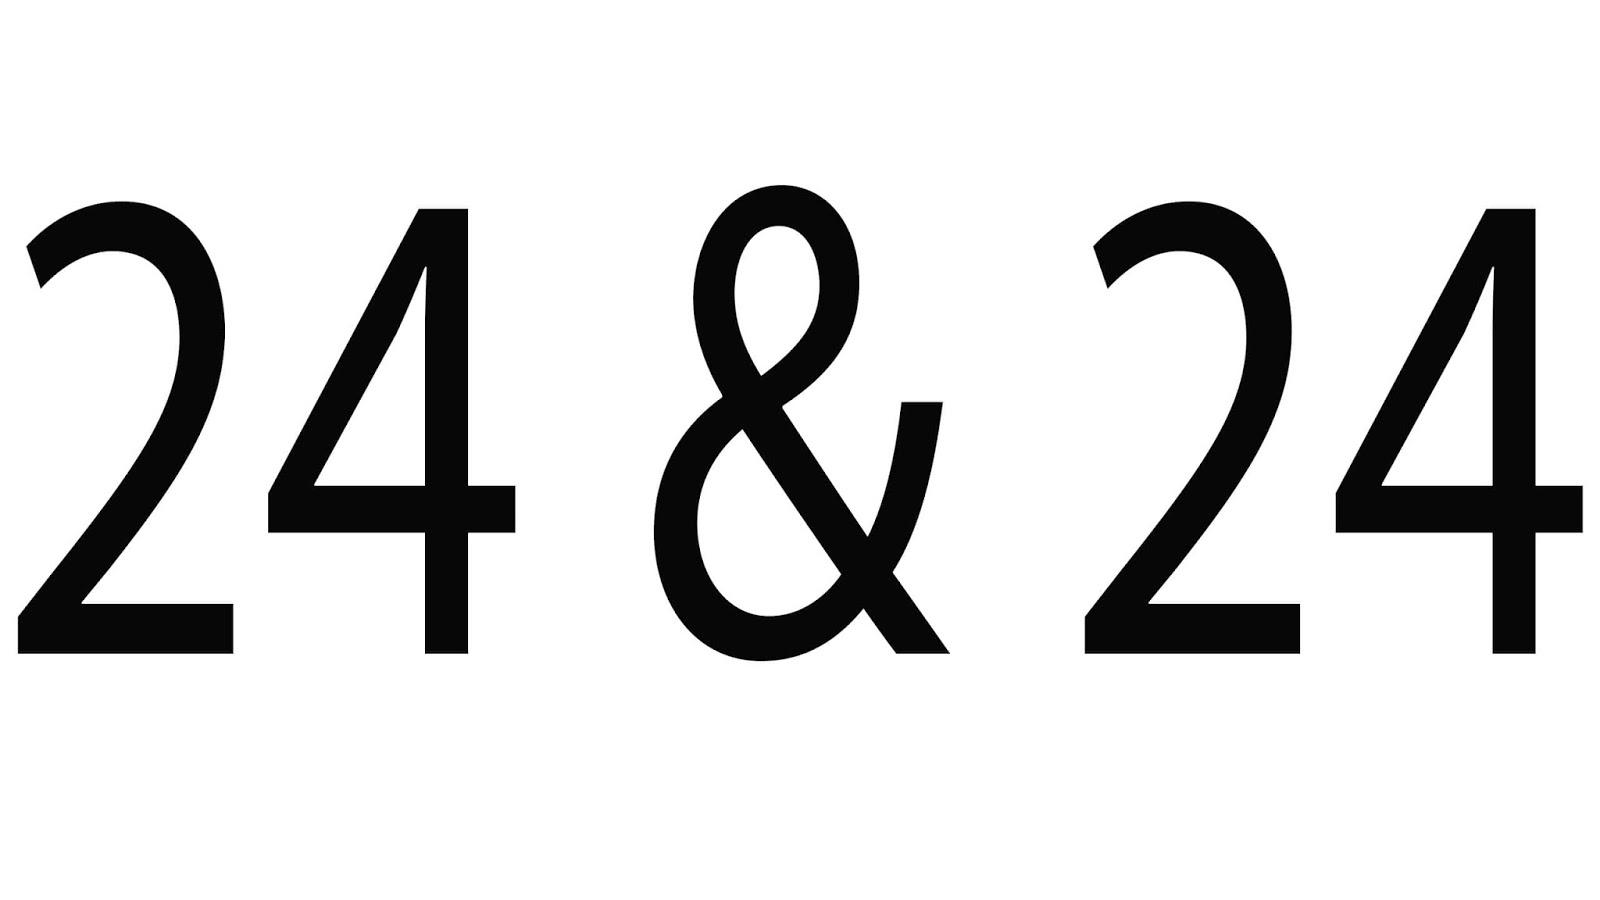 24 LÀ NGUYÊN TỐ GÌ? BẢNG NGUYÊN TỐ HÓA HỌC ĐẦY ĐỦ